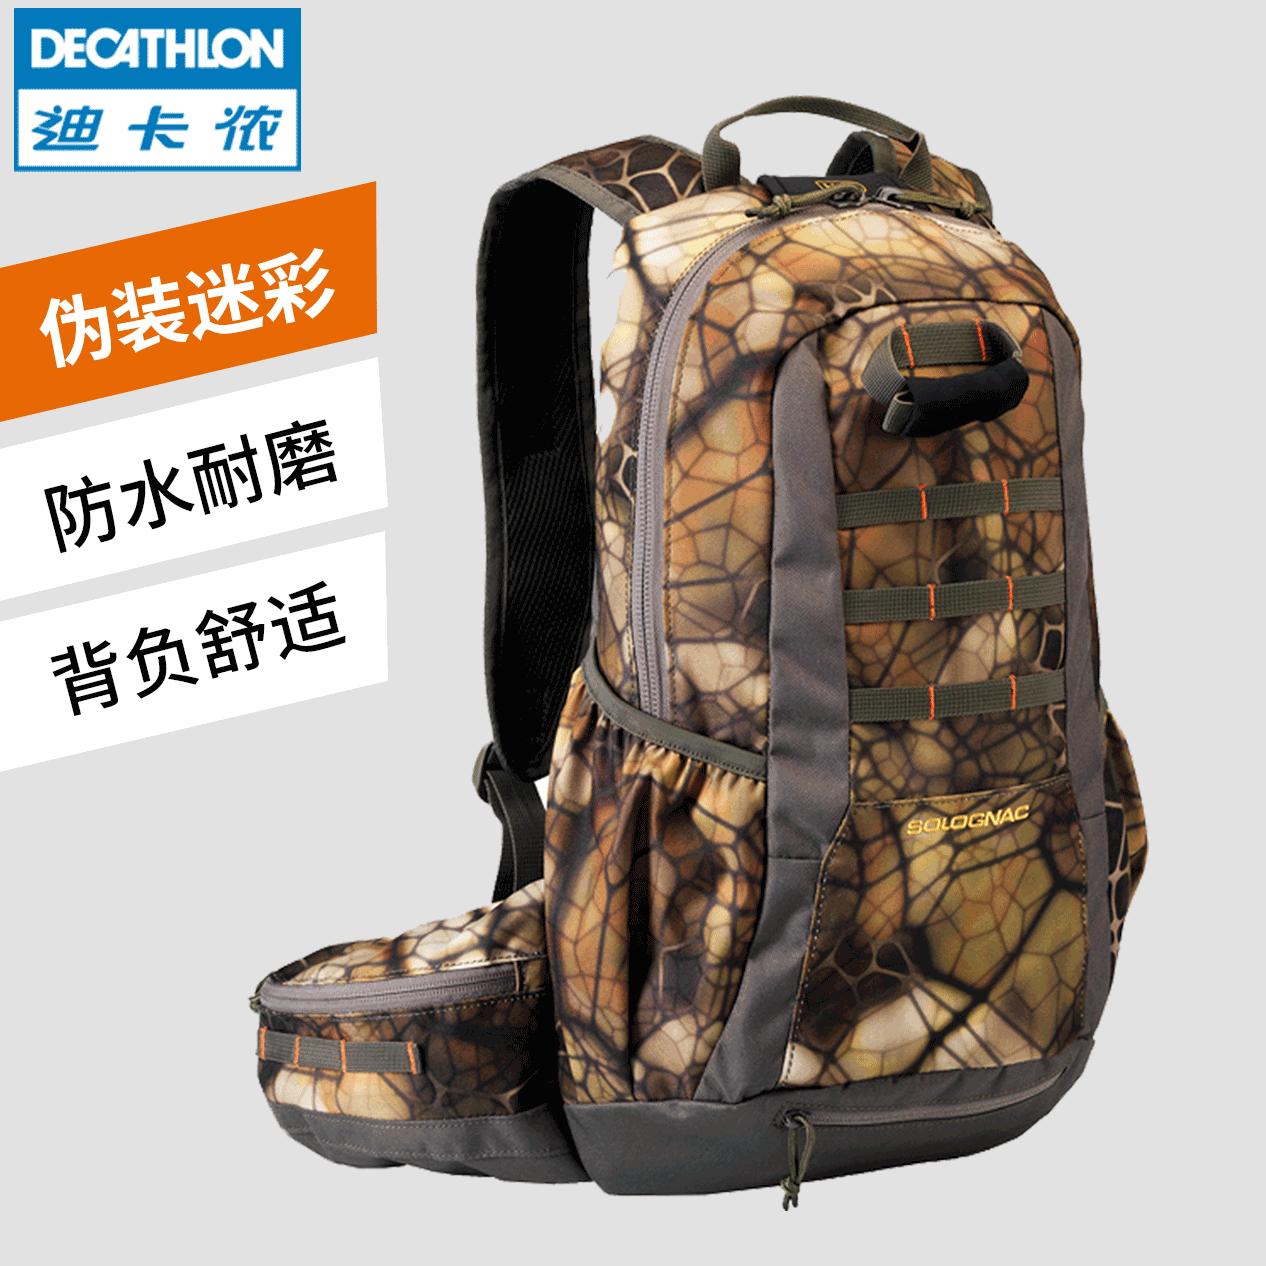 迪卡侬官方 迷彩背包20L 男女户外登山徒步伪装防水耐磨SOLOGNAC